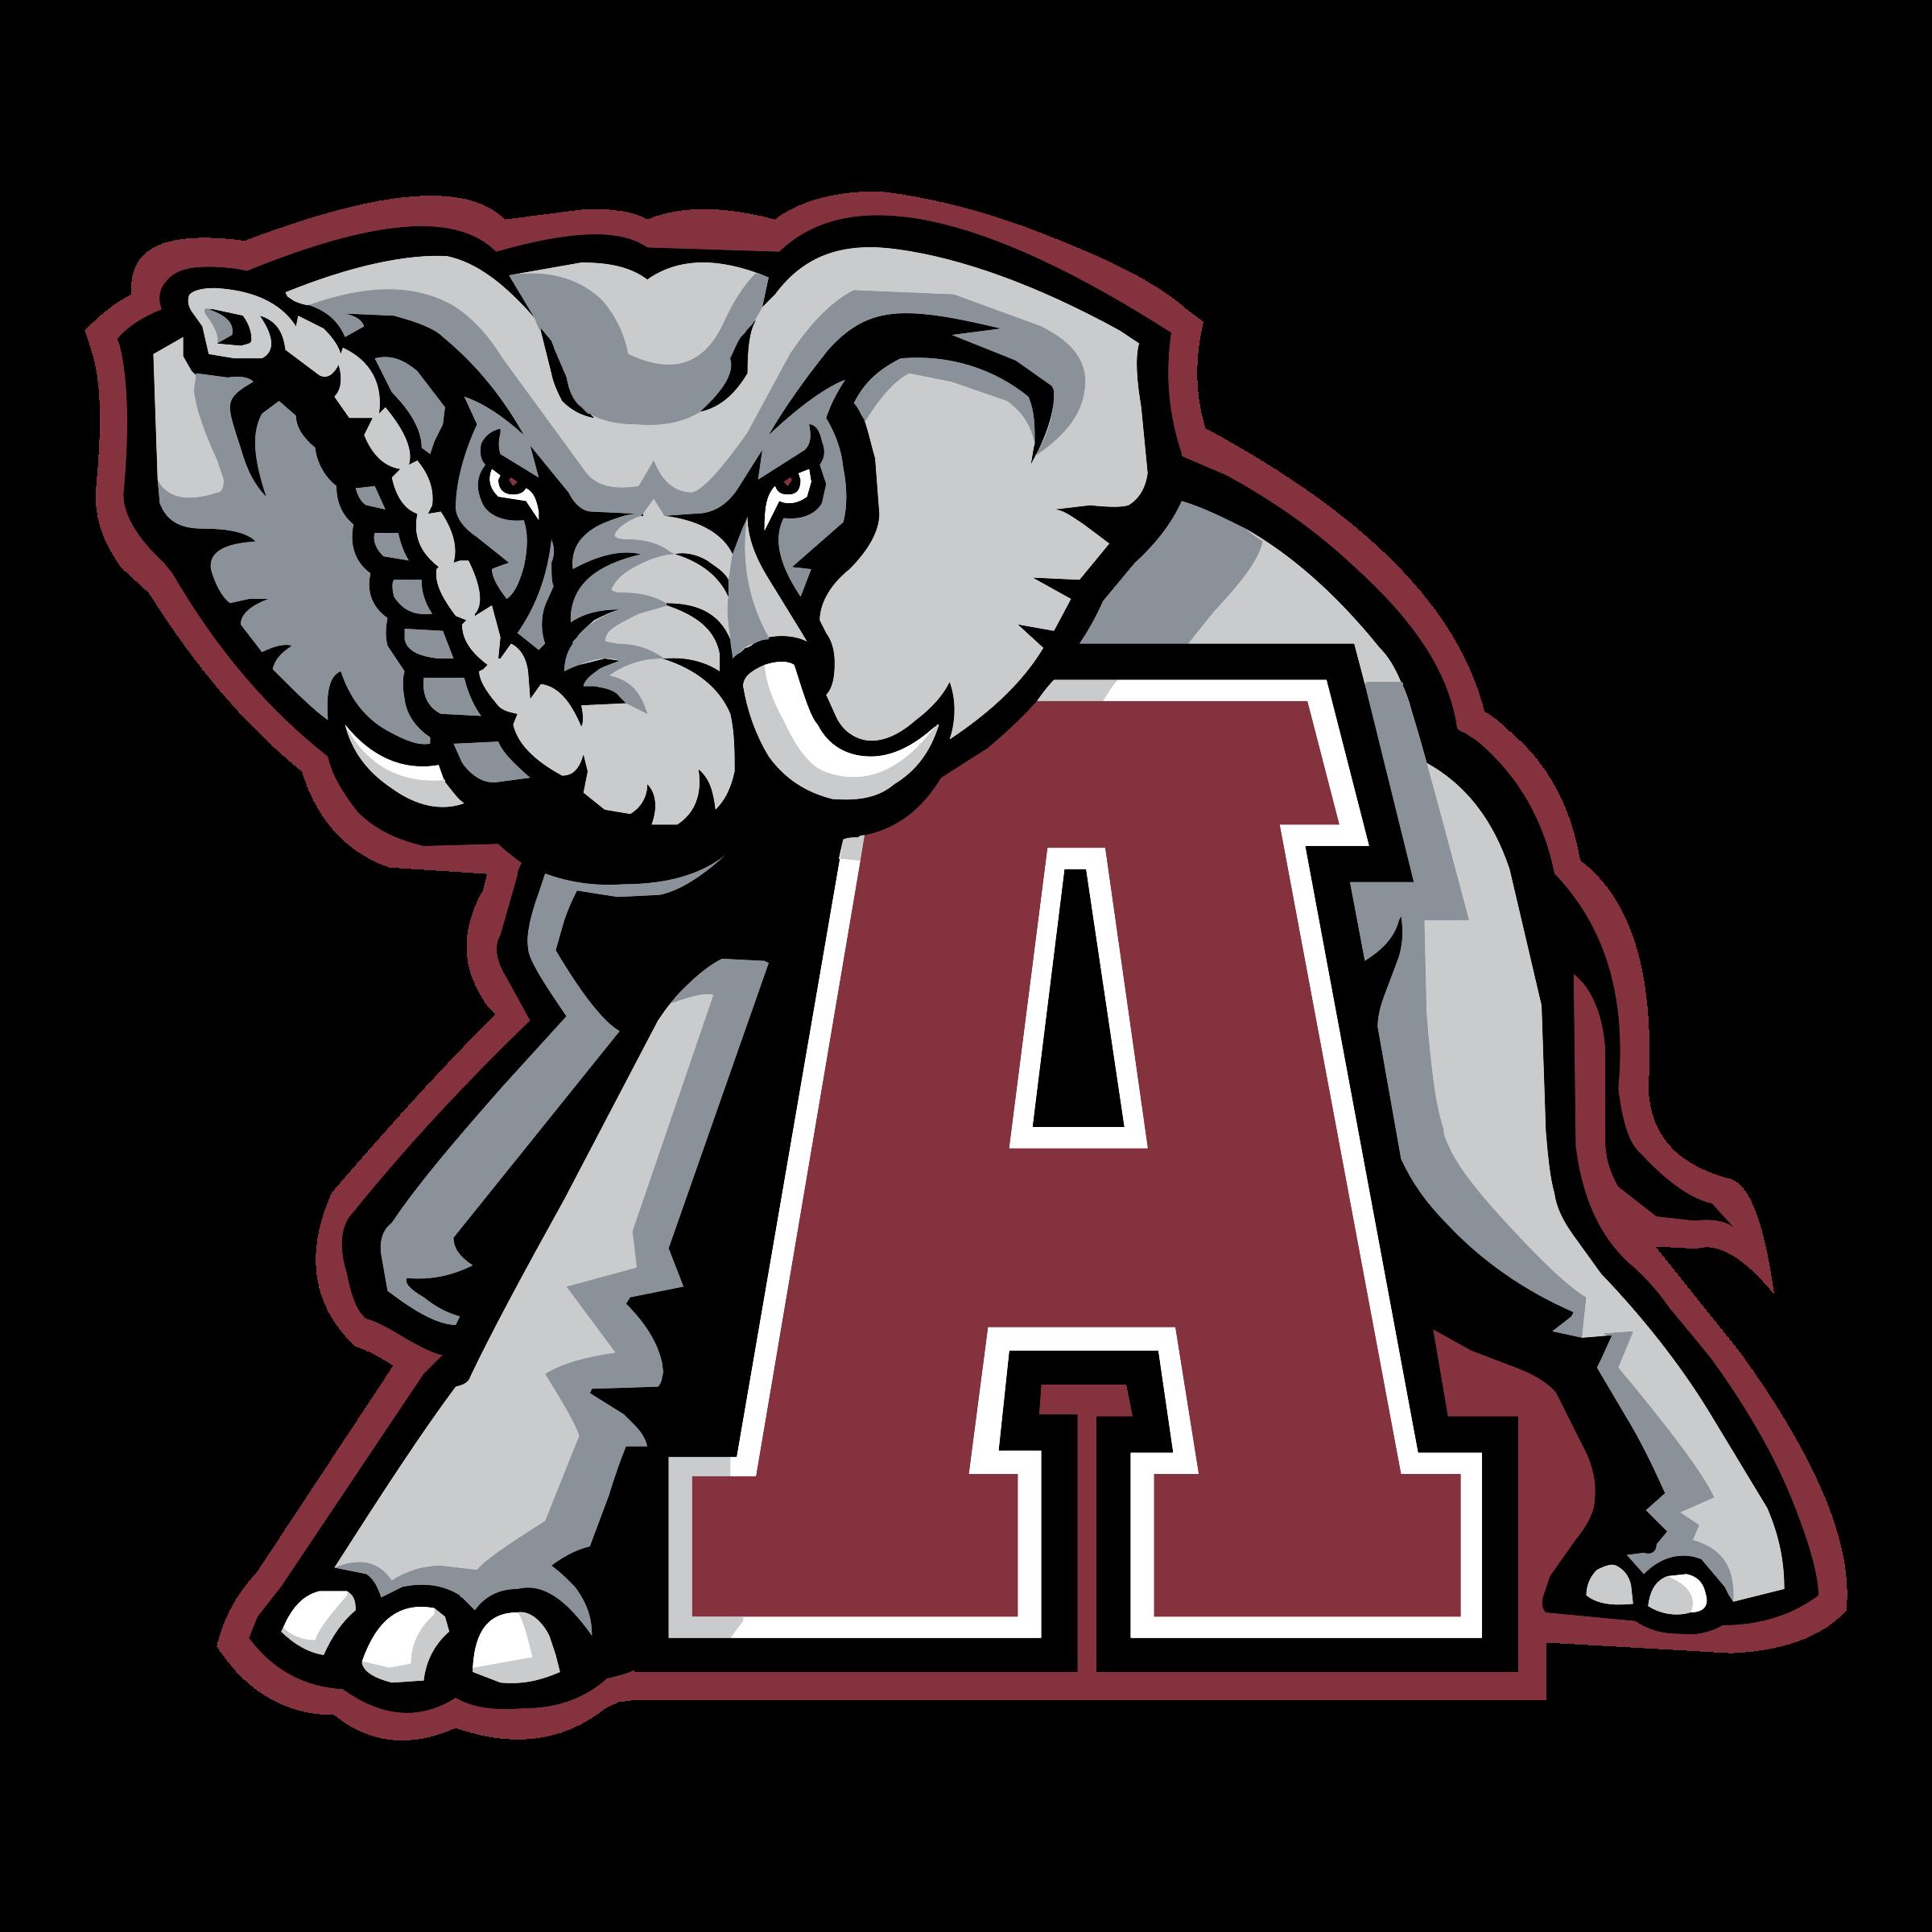 Alabama football logo png